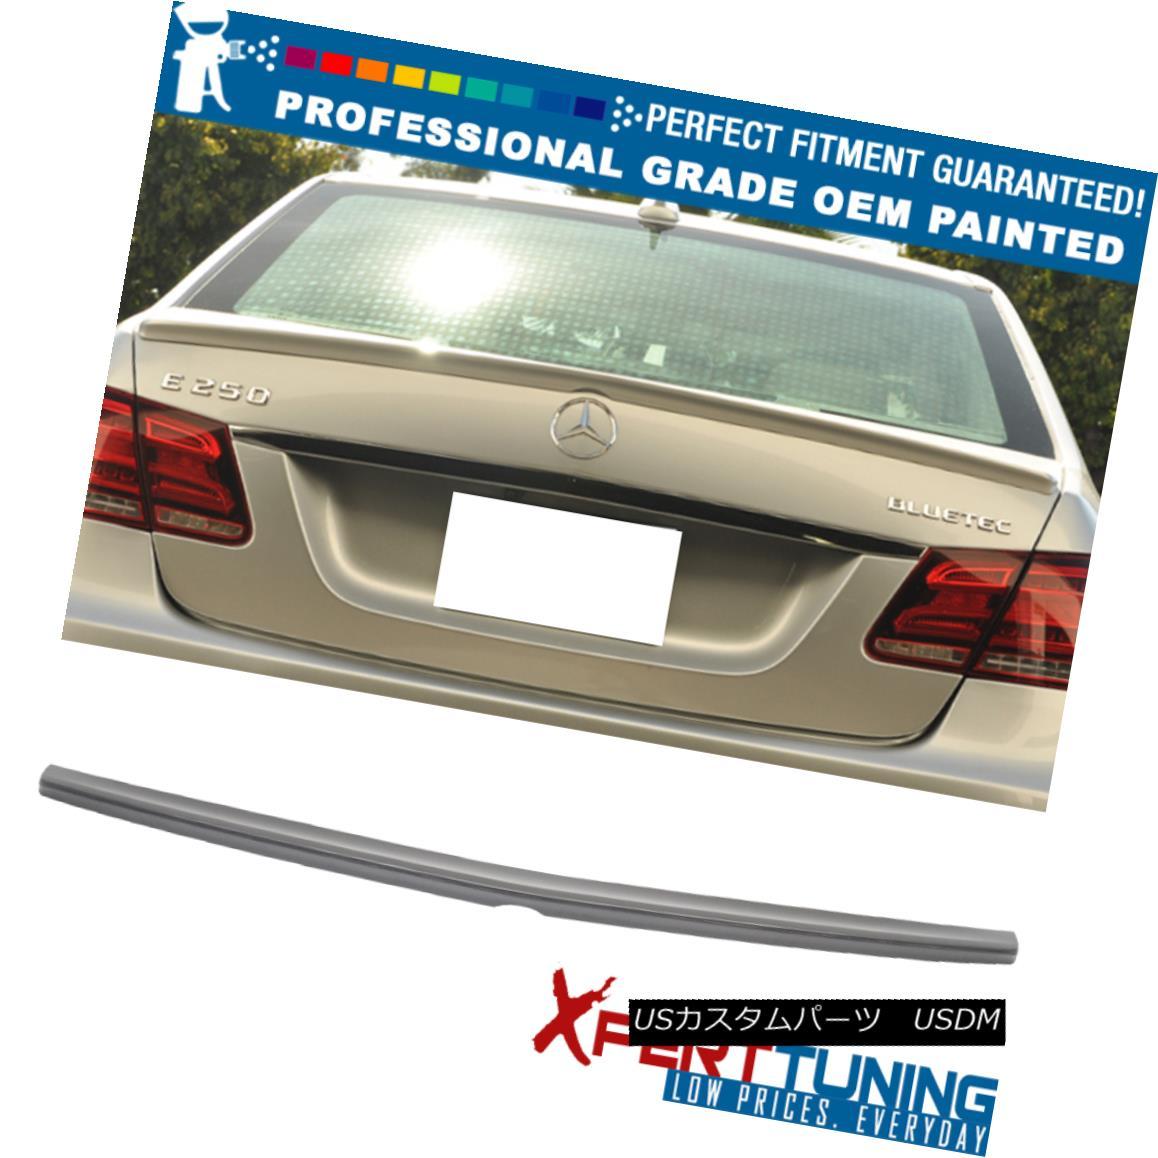 エアロパーツ 10-16 E-Class W212 4Dr Painted AMG Style Trunk Spoiler - OEM Painted Color 10-16 EクラスW212 4Dr塗装AMGスタイルトランク・スポイラー - OEM塗装カラー